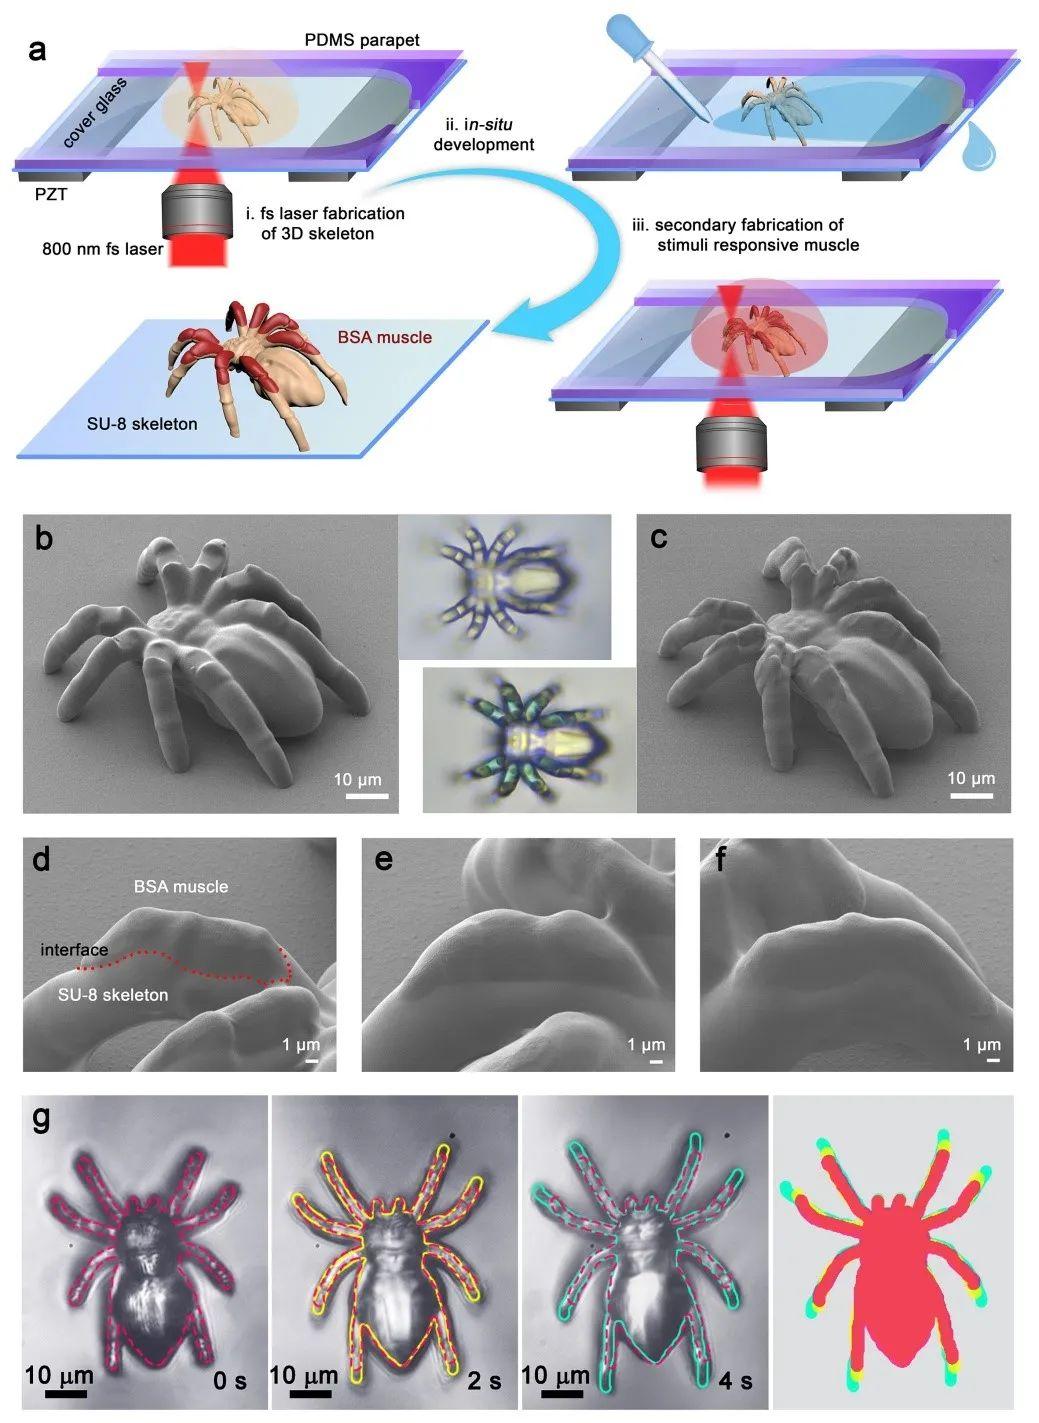 清华大学孙洪波、吉林大学张永来《自然·通讯》:飞秒激光仿生制造人工肌肉骨骼系统